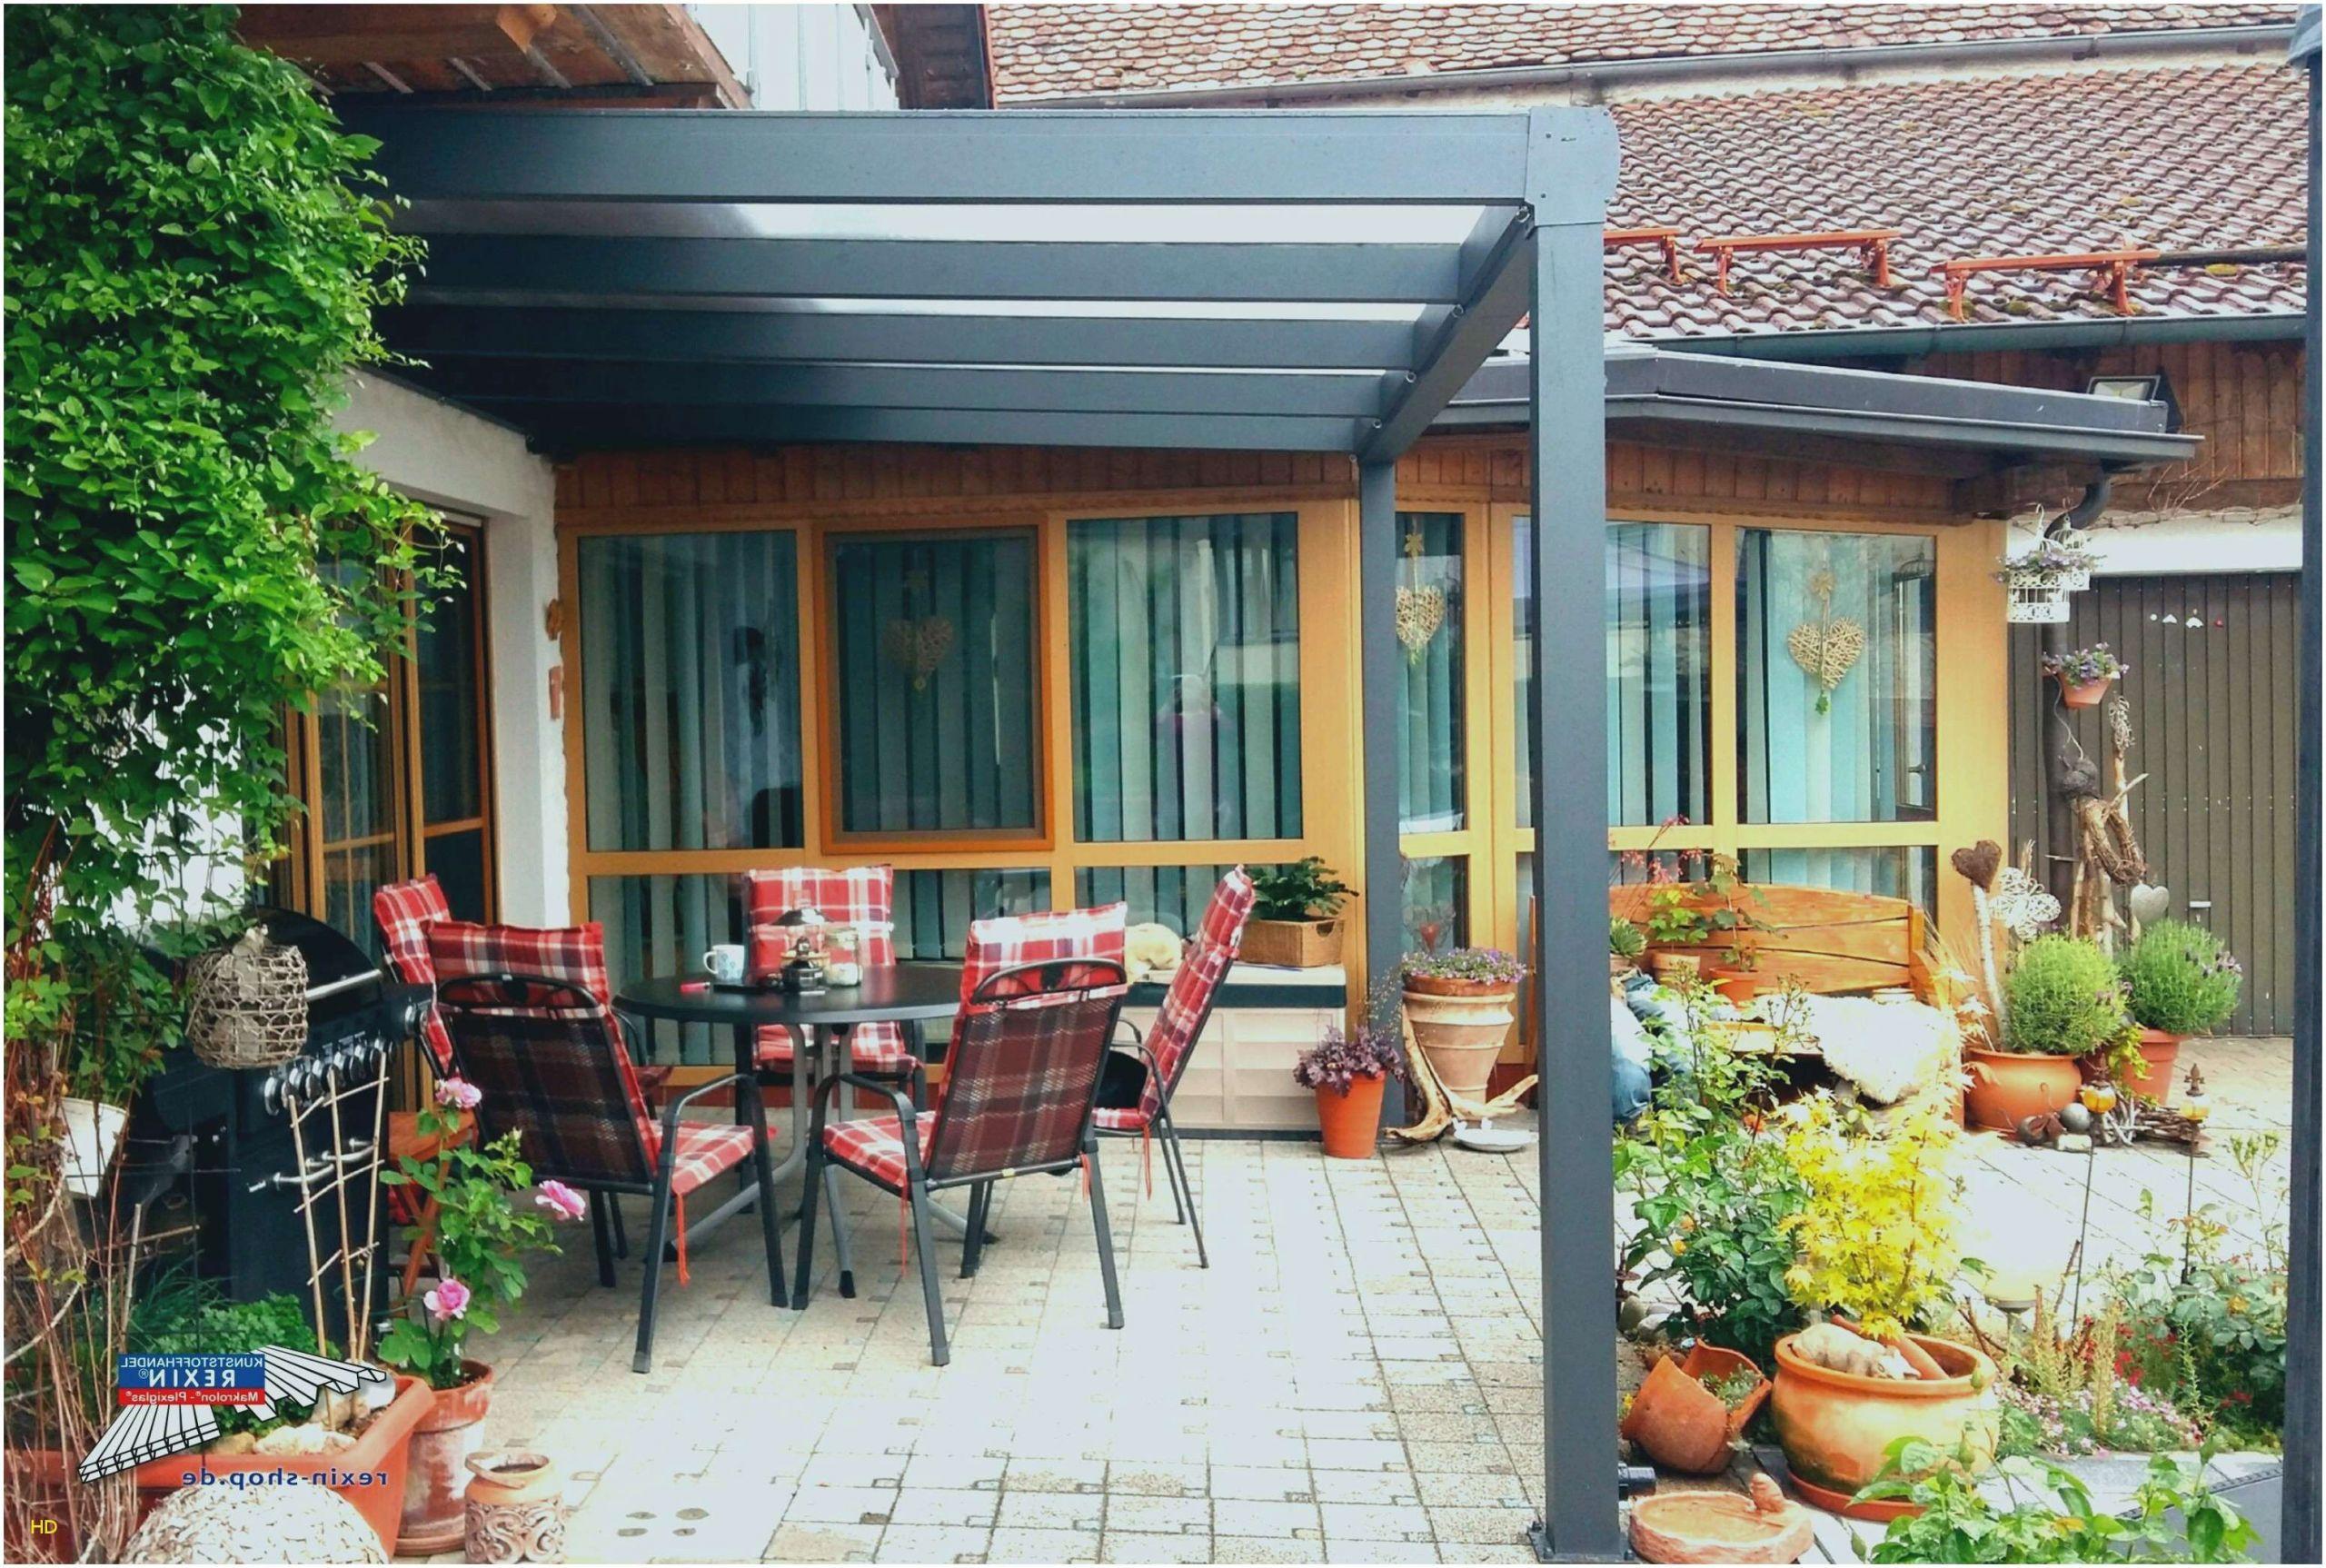 eclairage terrasse bois eclairage led exterieur pour terrasse nouveau veranda en bois unique veranda terrasse glasschiebewand terrasse 0d unique frais eclairage led exterieur pour terrasse p